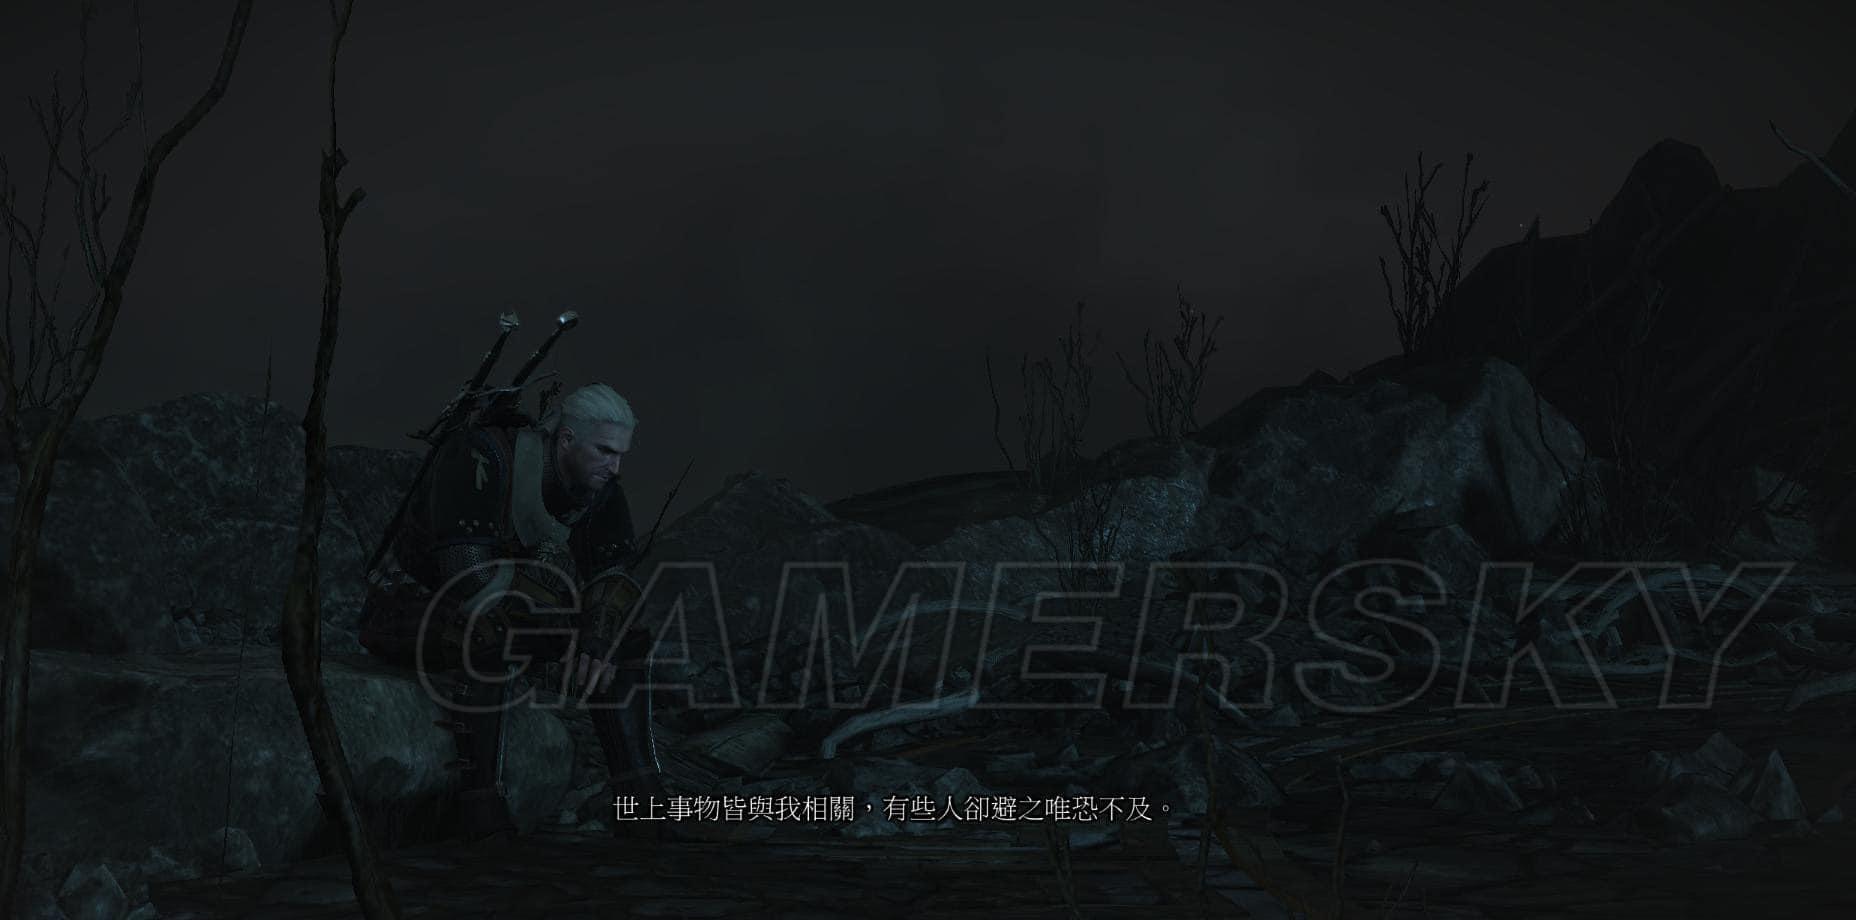 巫師3 DLC石之心鏡子大師謎題攻略及結局獎勵 巫師3DLC石之心結局怎麼選   蝦米攻略網